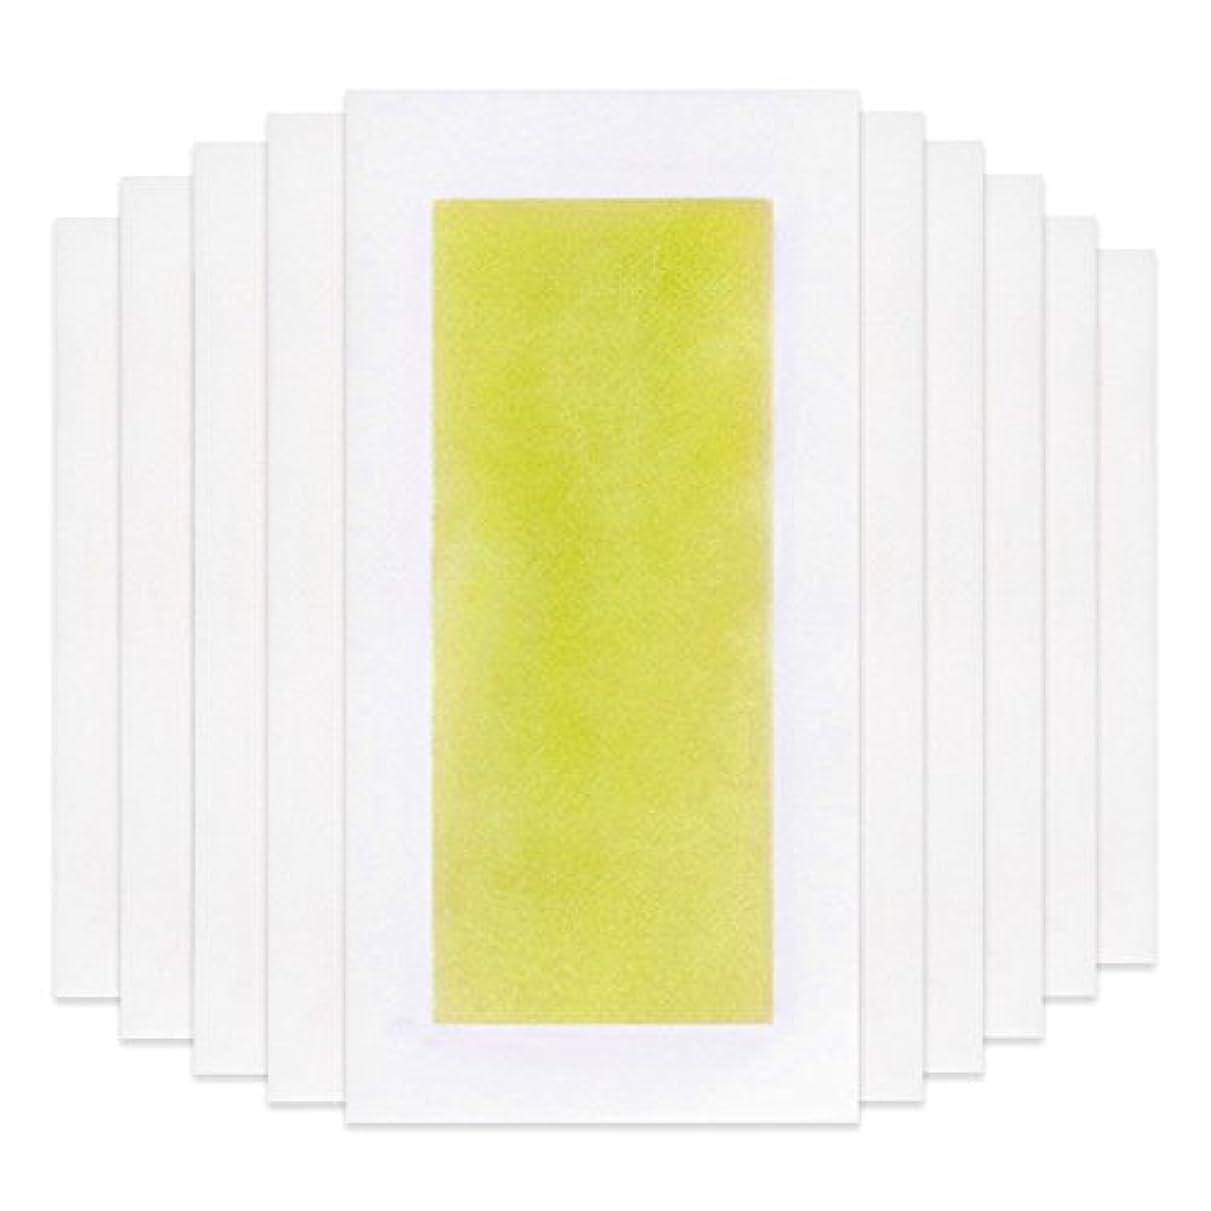 公平ロイヤリティRabugoo 脚の身体の顔のための10個のプロフェッショナルな夏の脱毛ダブルサイドコールドワックスストリップ紙 Yellow